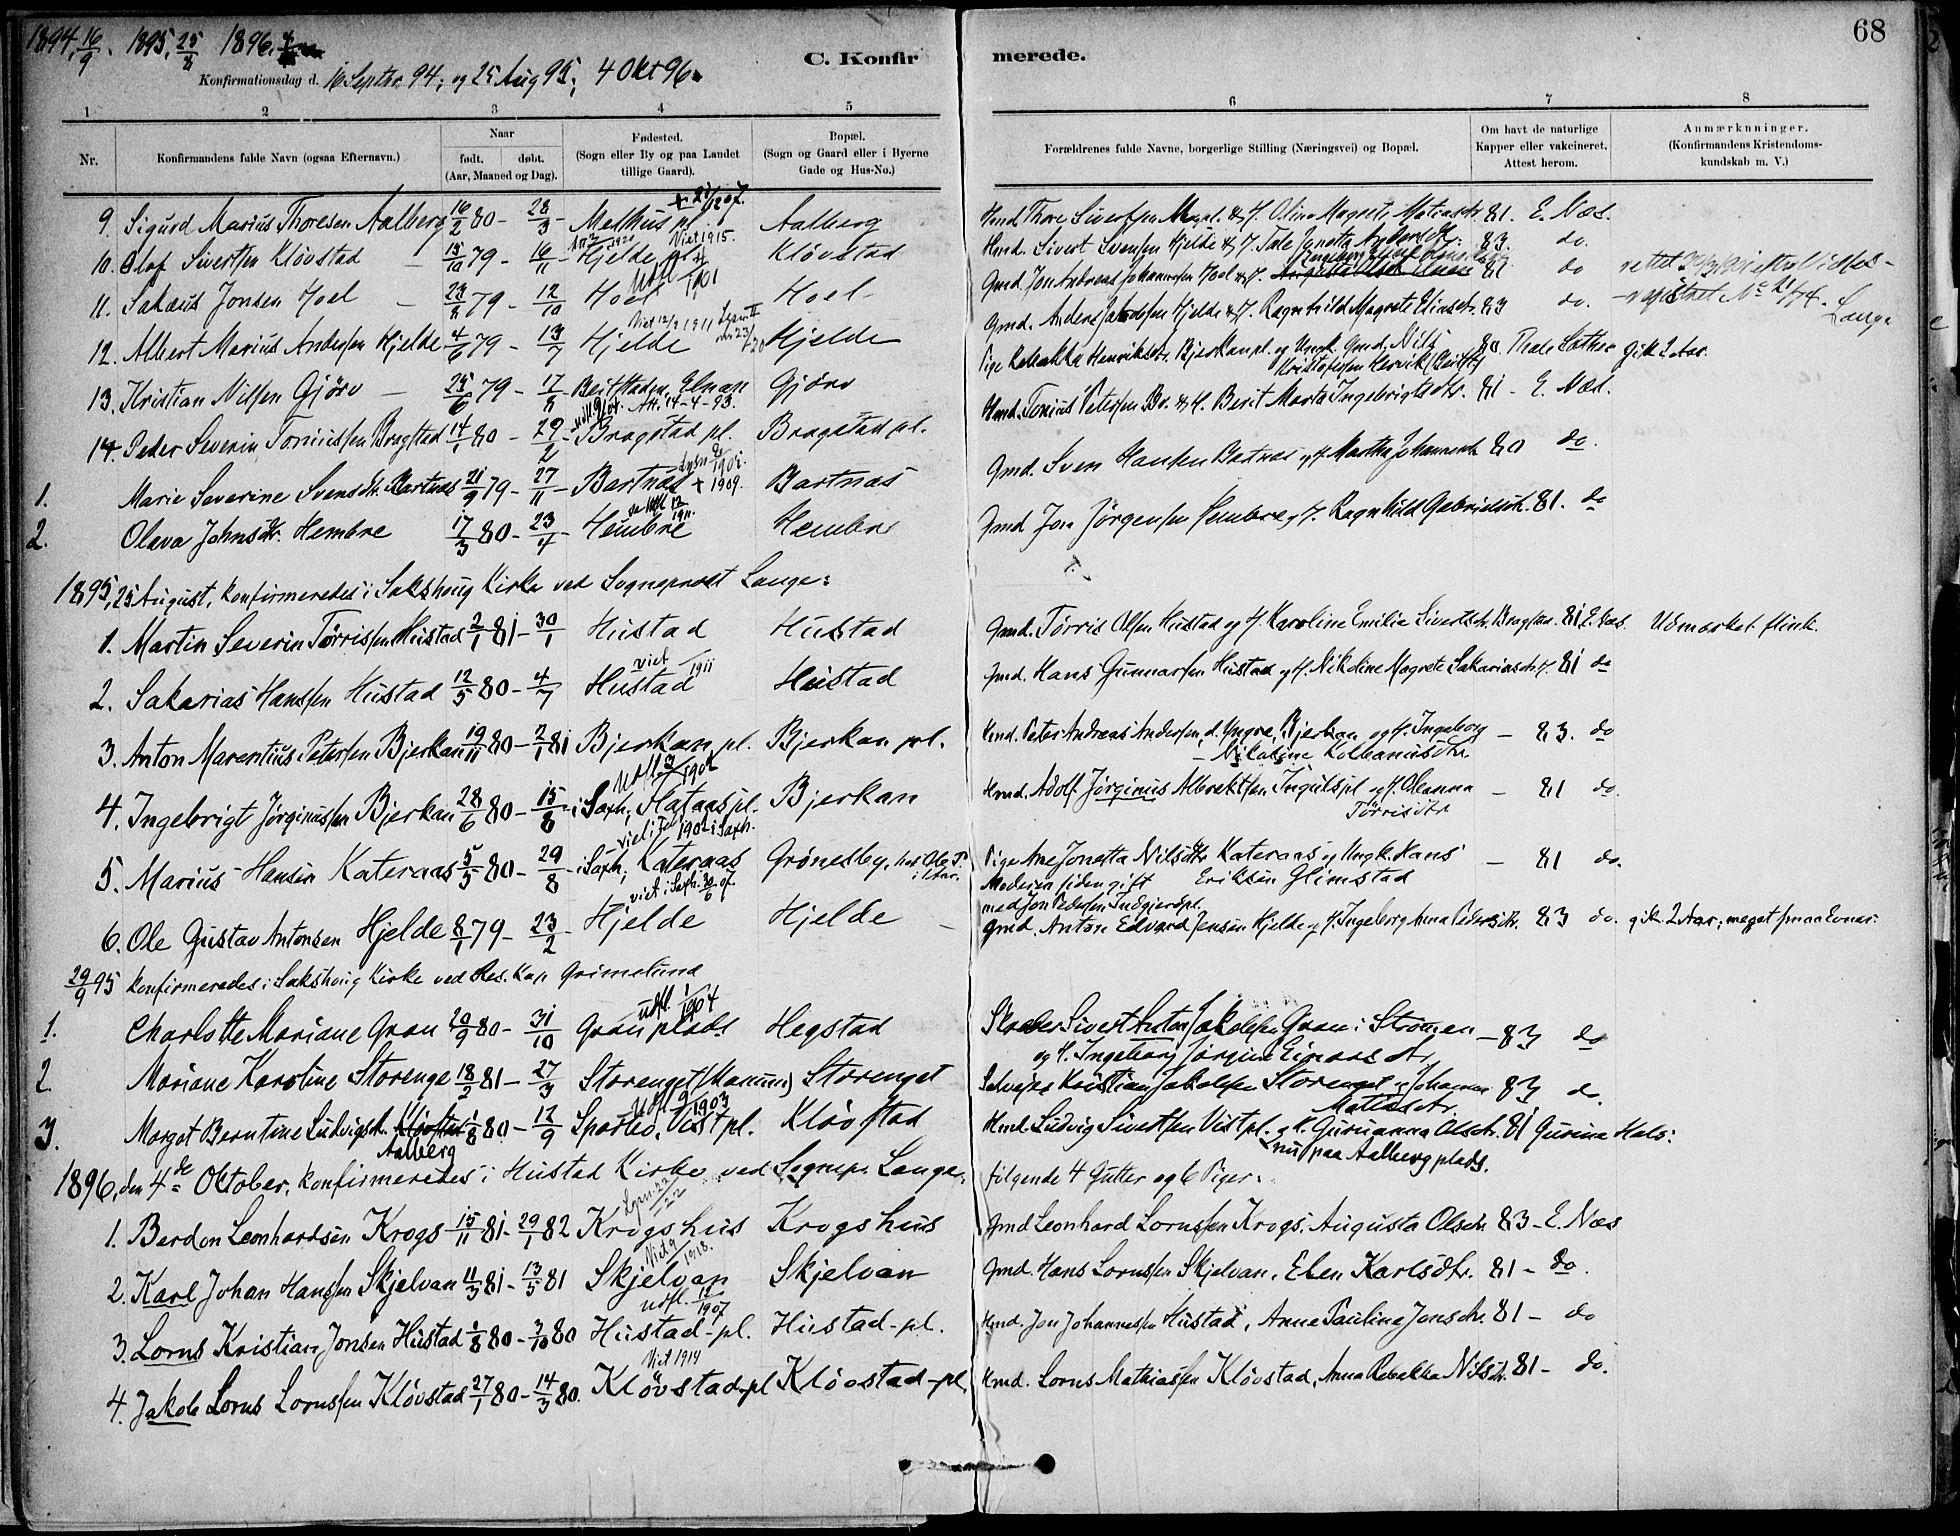 SAT, Ministerialprotokoller, klokkerbøker og fødselsregistre - Nord-Trøndelag, 732/L0316: Ministerialbok nr. 732A01, 1879-1921, s. 68